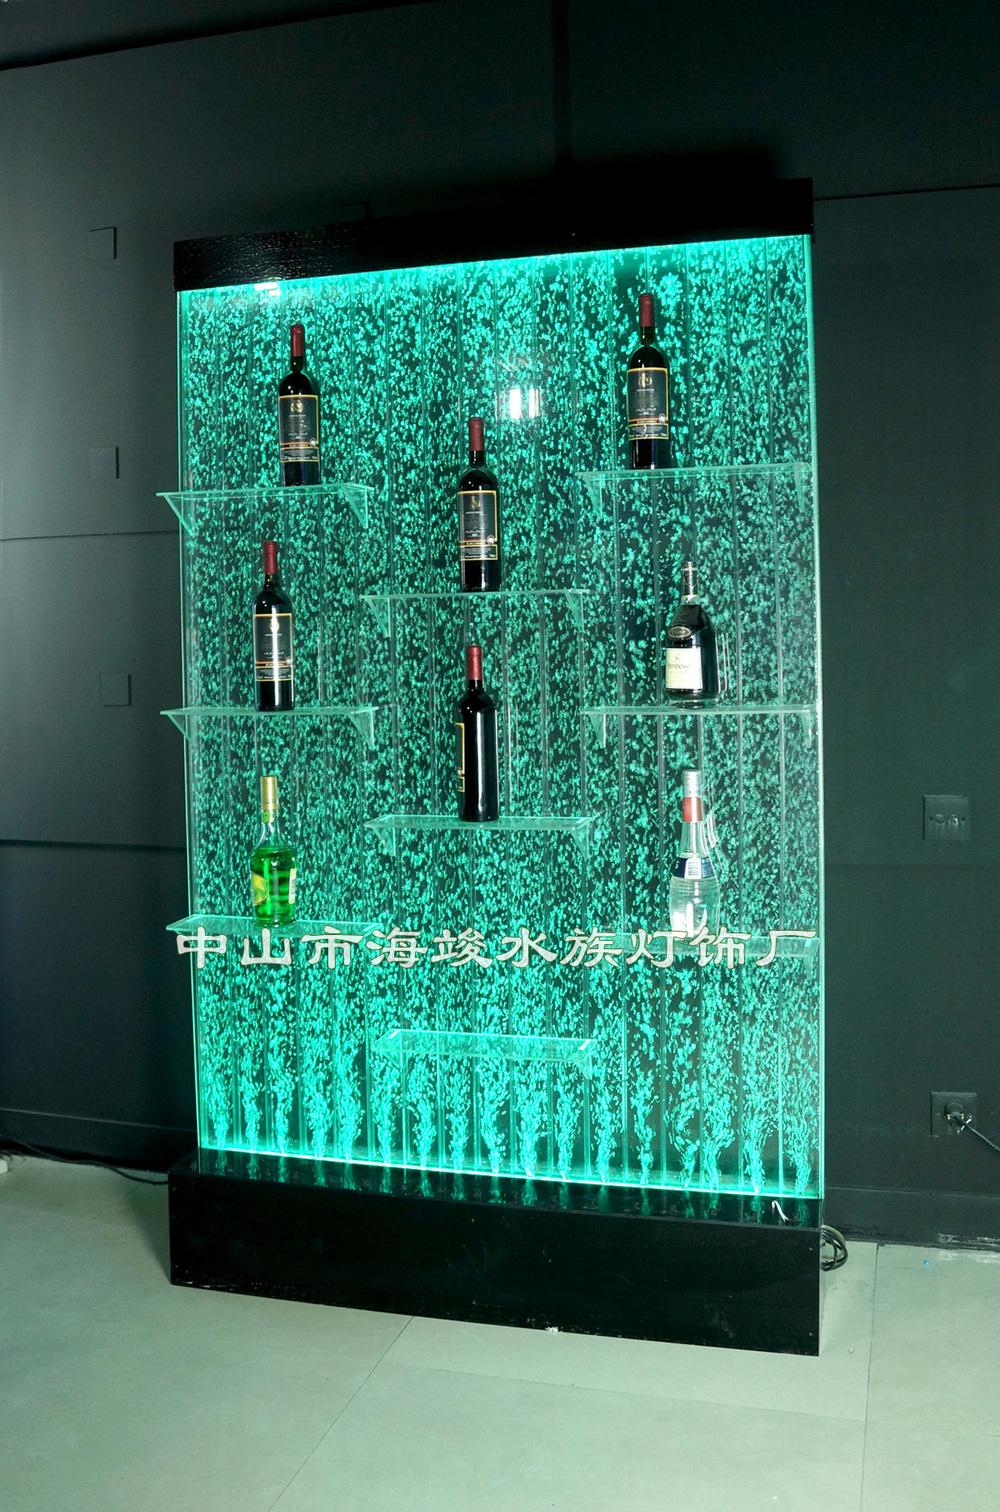 wine rack lighting. Acrylic Bubble Water Led Lighting Wine Rack,with Dancing Effect, Rack X